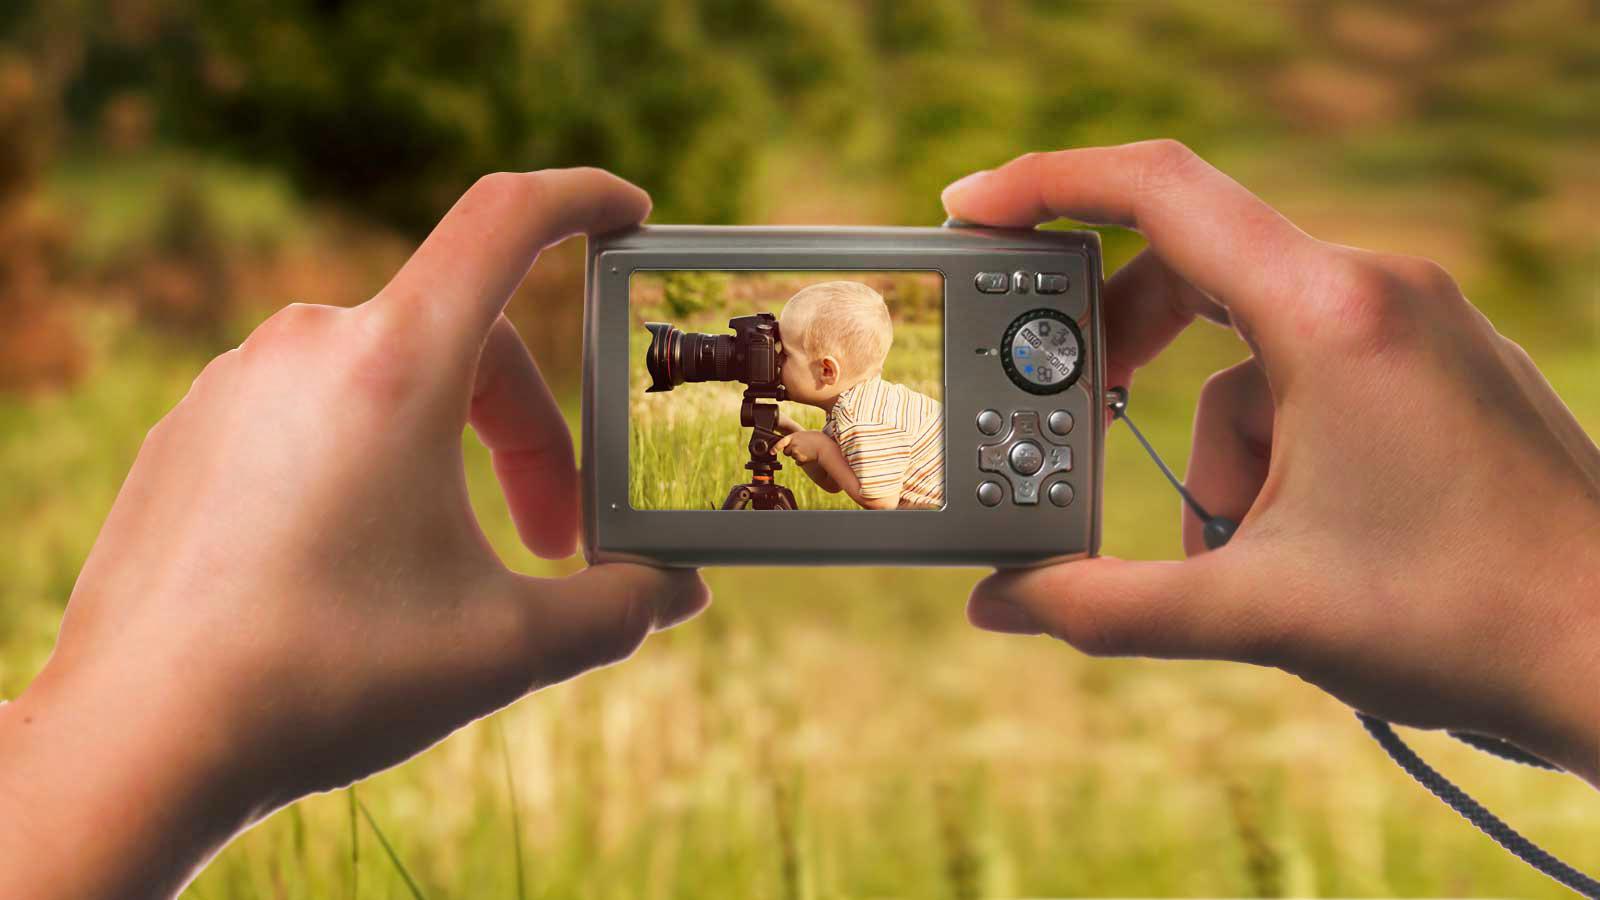 Pessoa a tirar fotografia a criança com máquina fotográfica